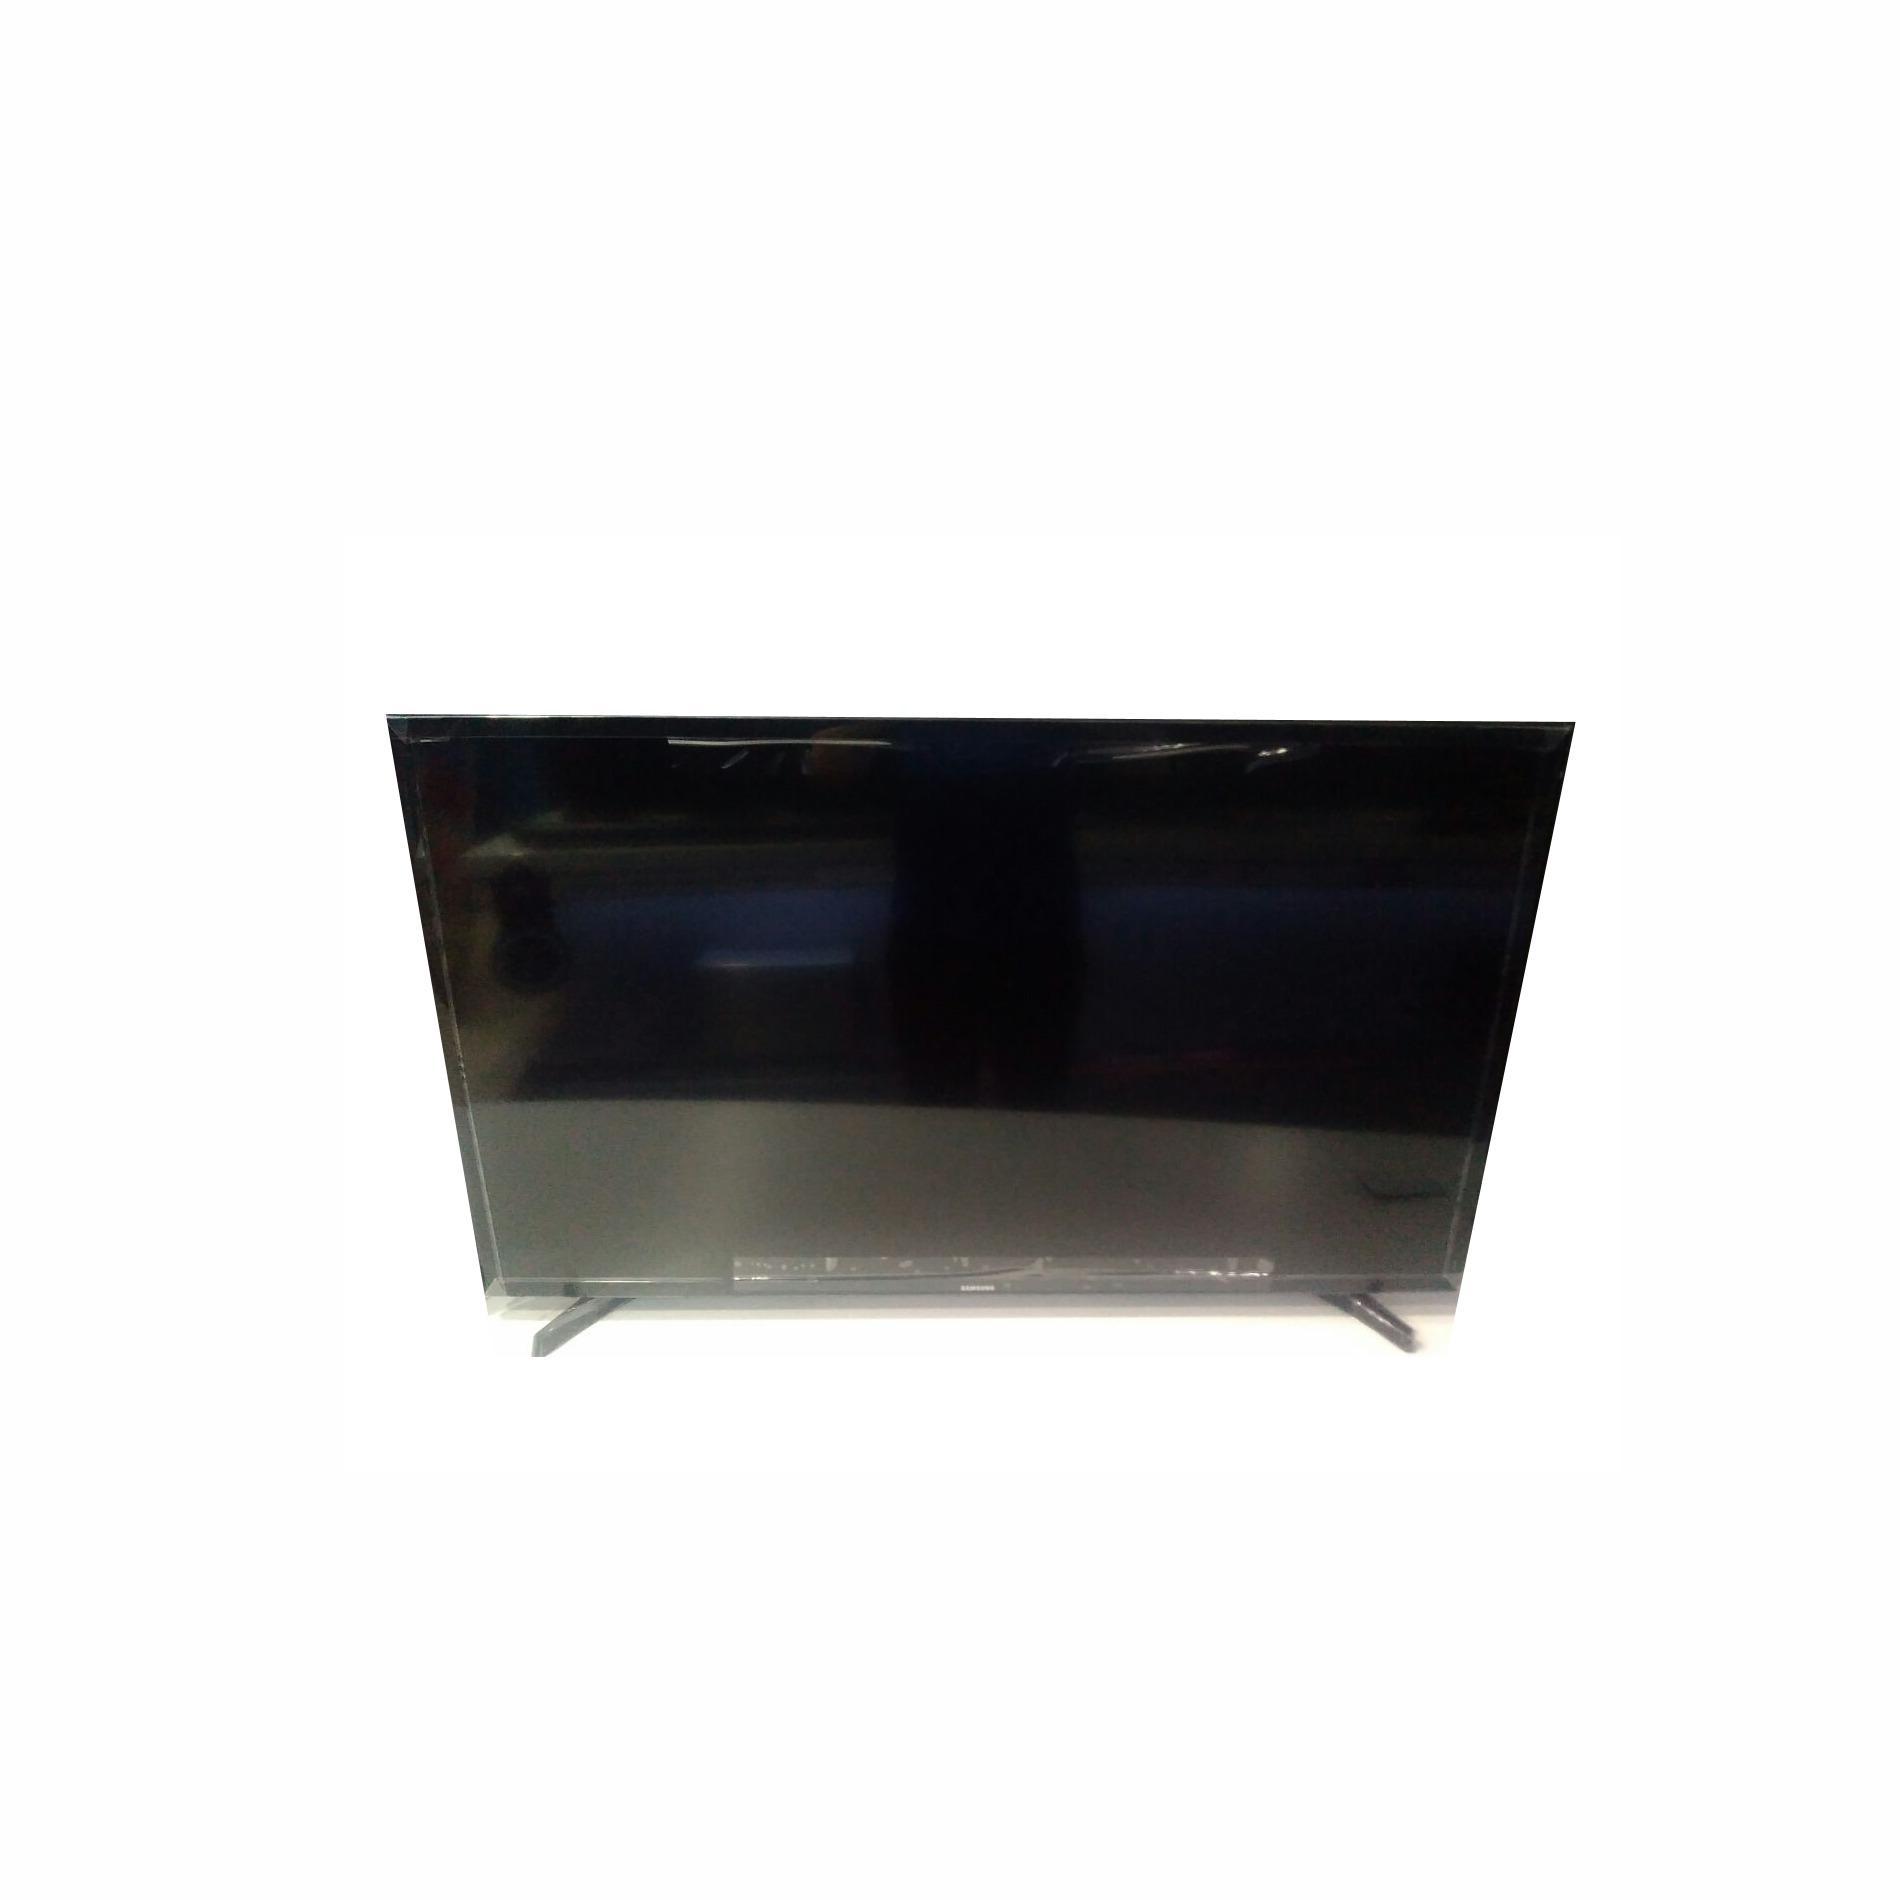 """Samsung LED TV 40"""" UA40J5250 - Hitam - Khusus Jadetabek"""